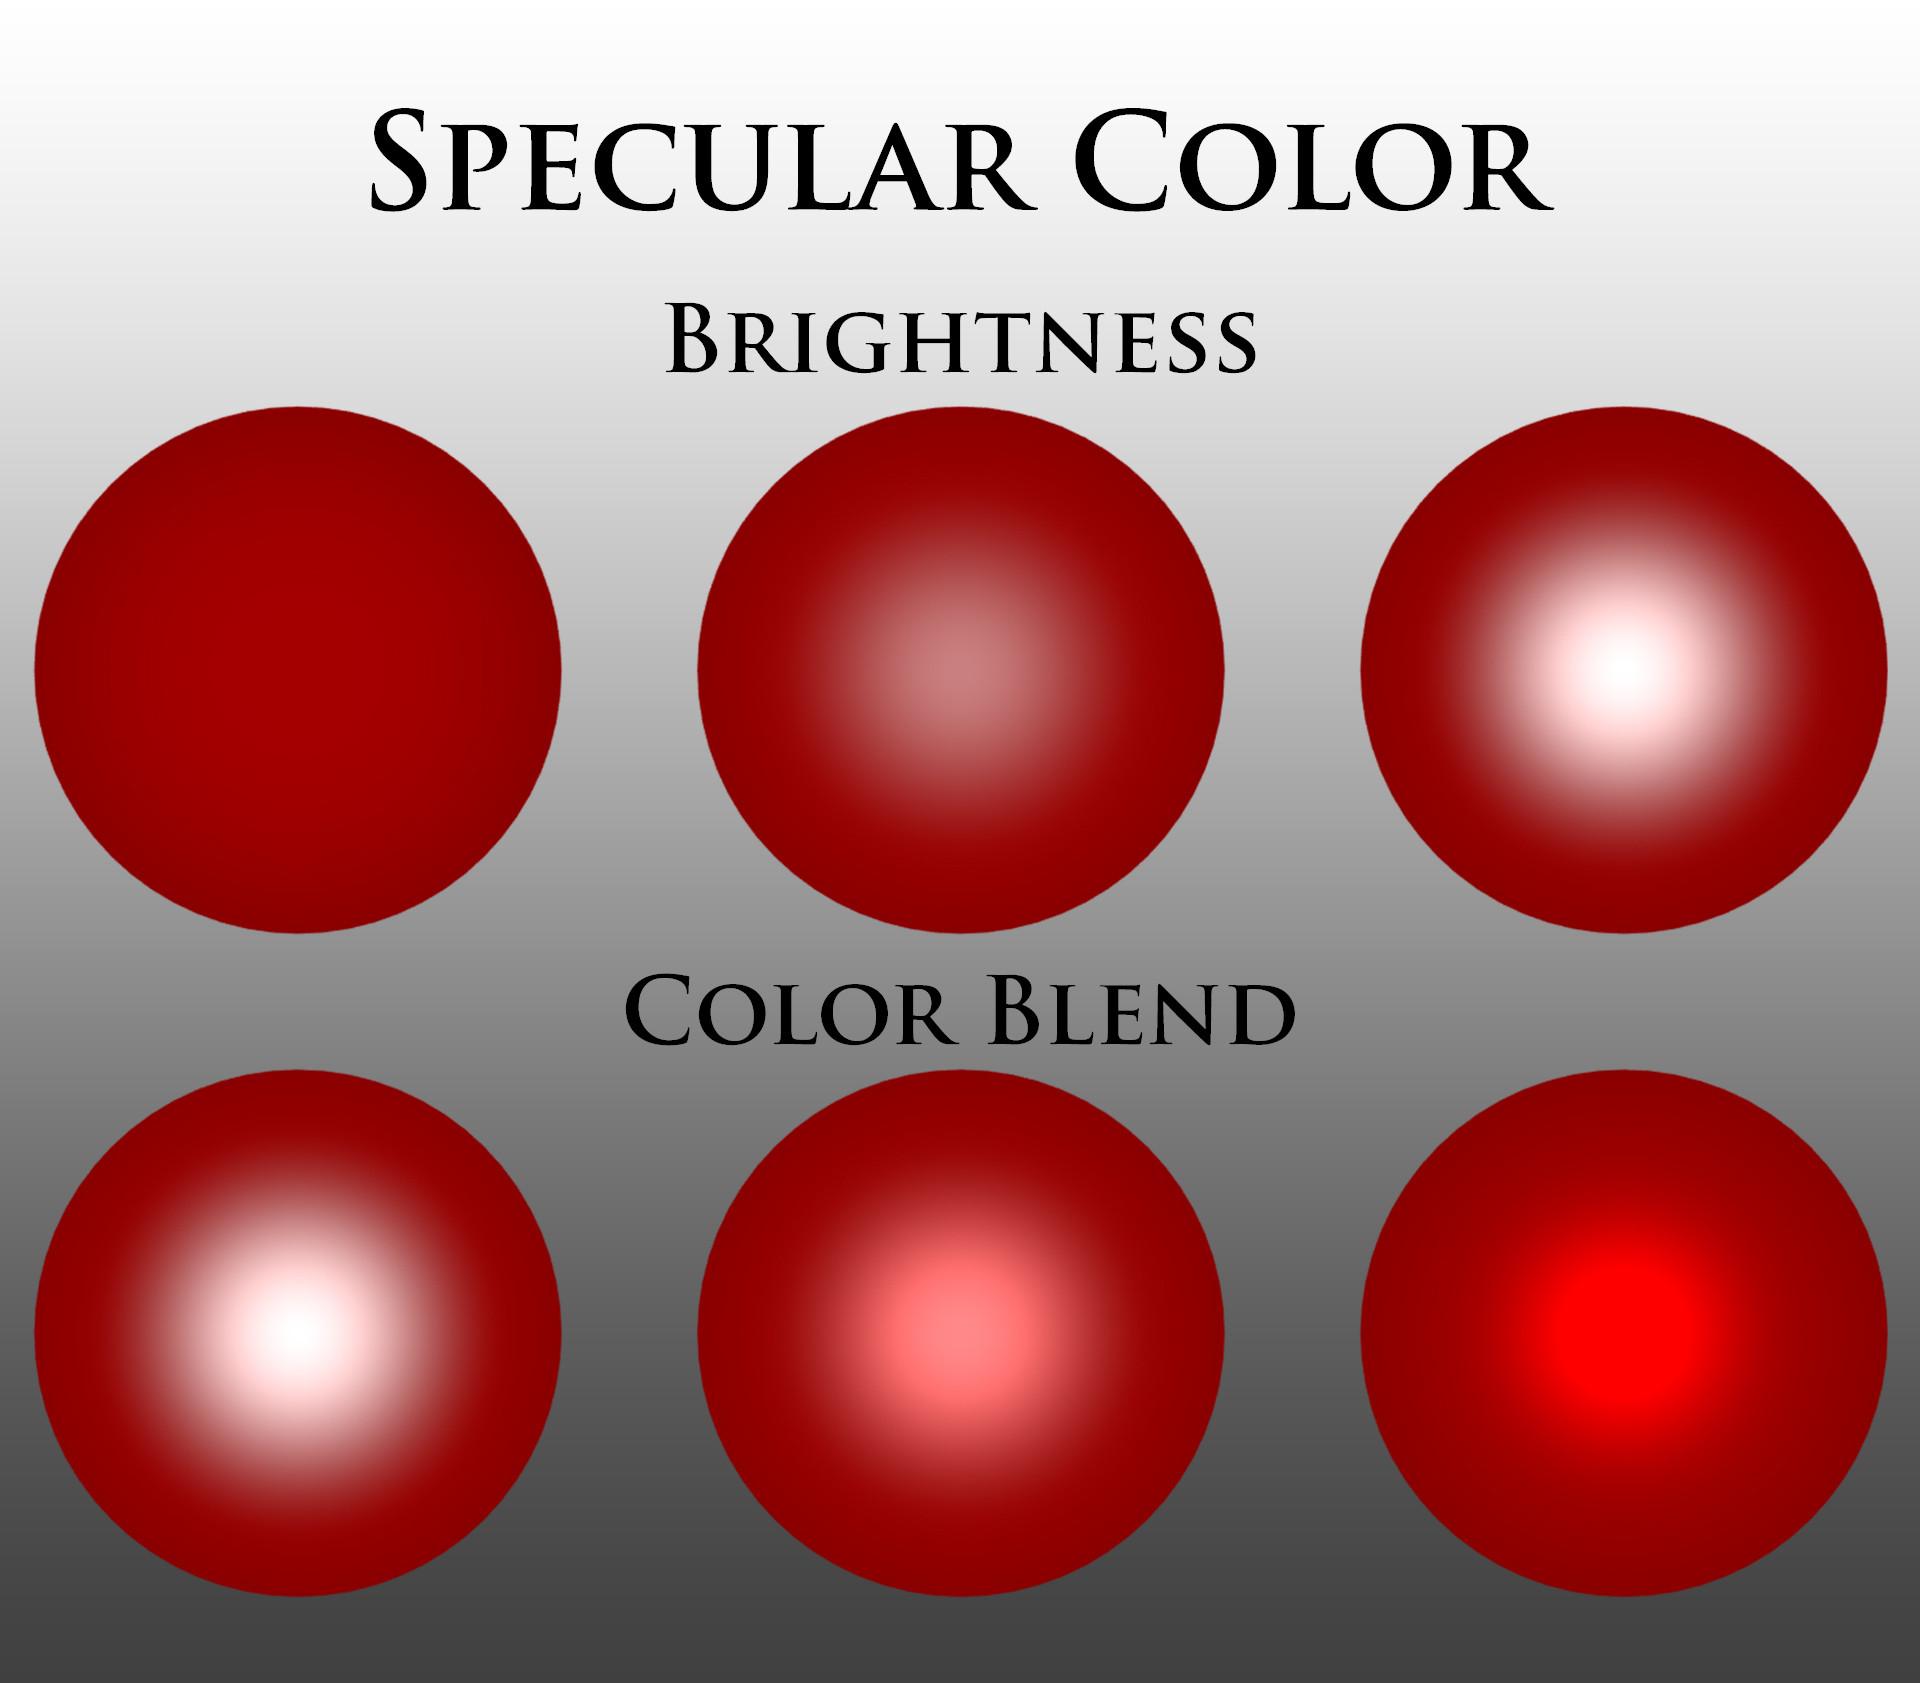 Game maker color blend - Nu_specularcolor R G B Color Blend